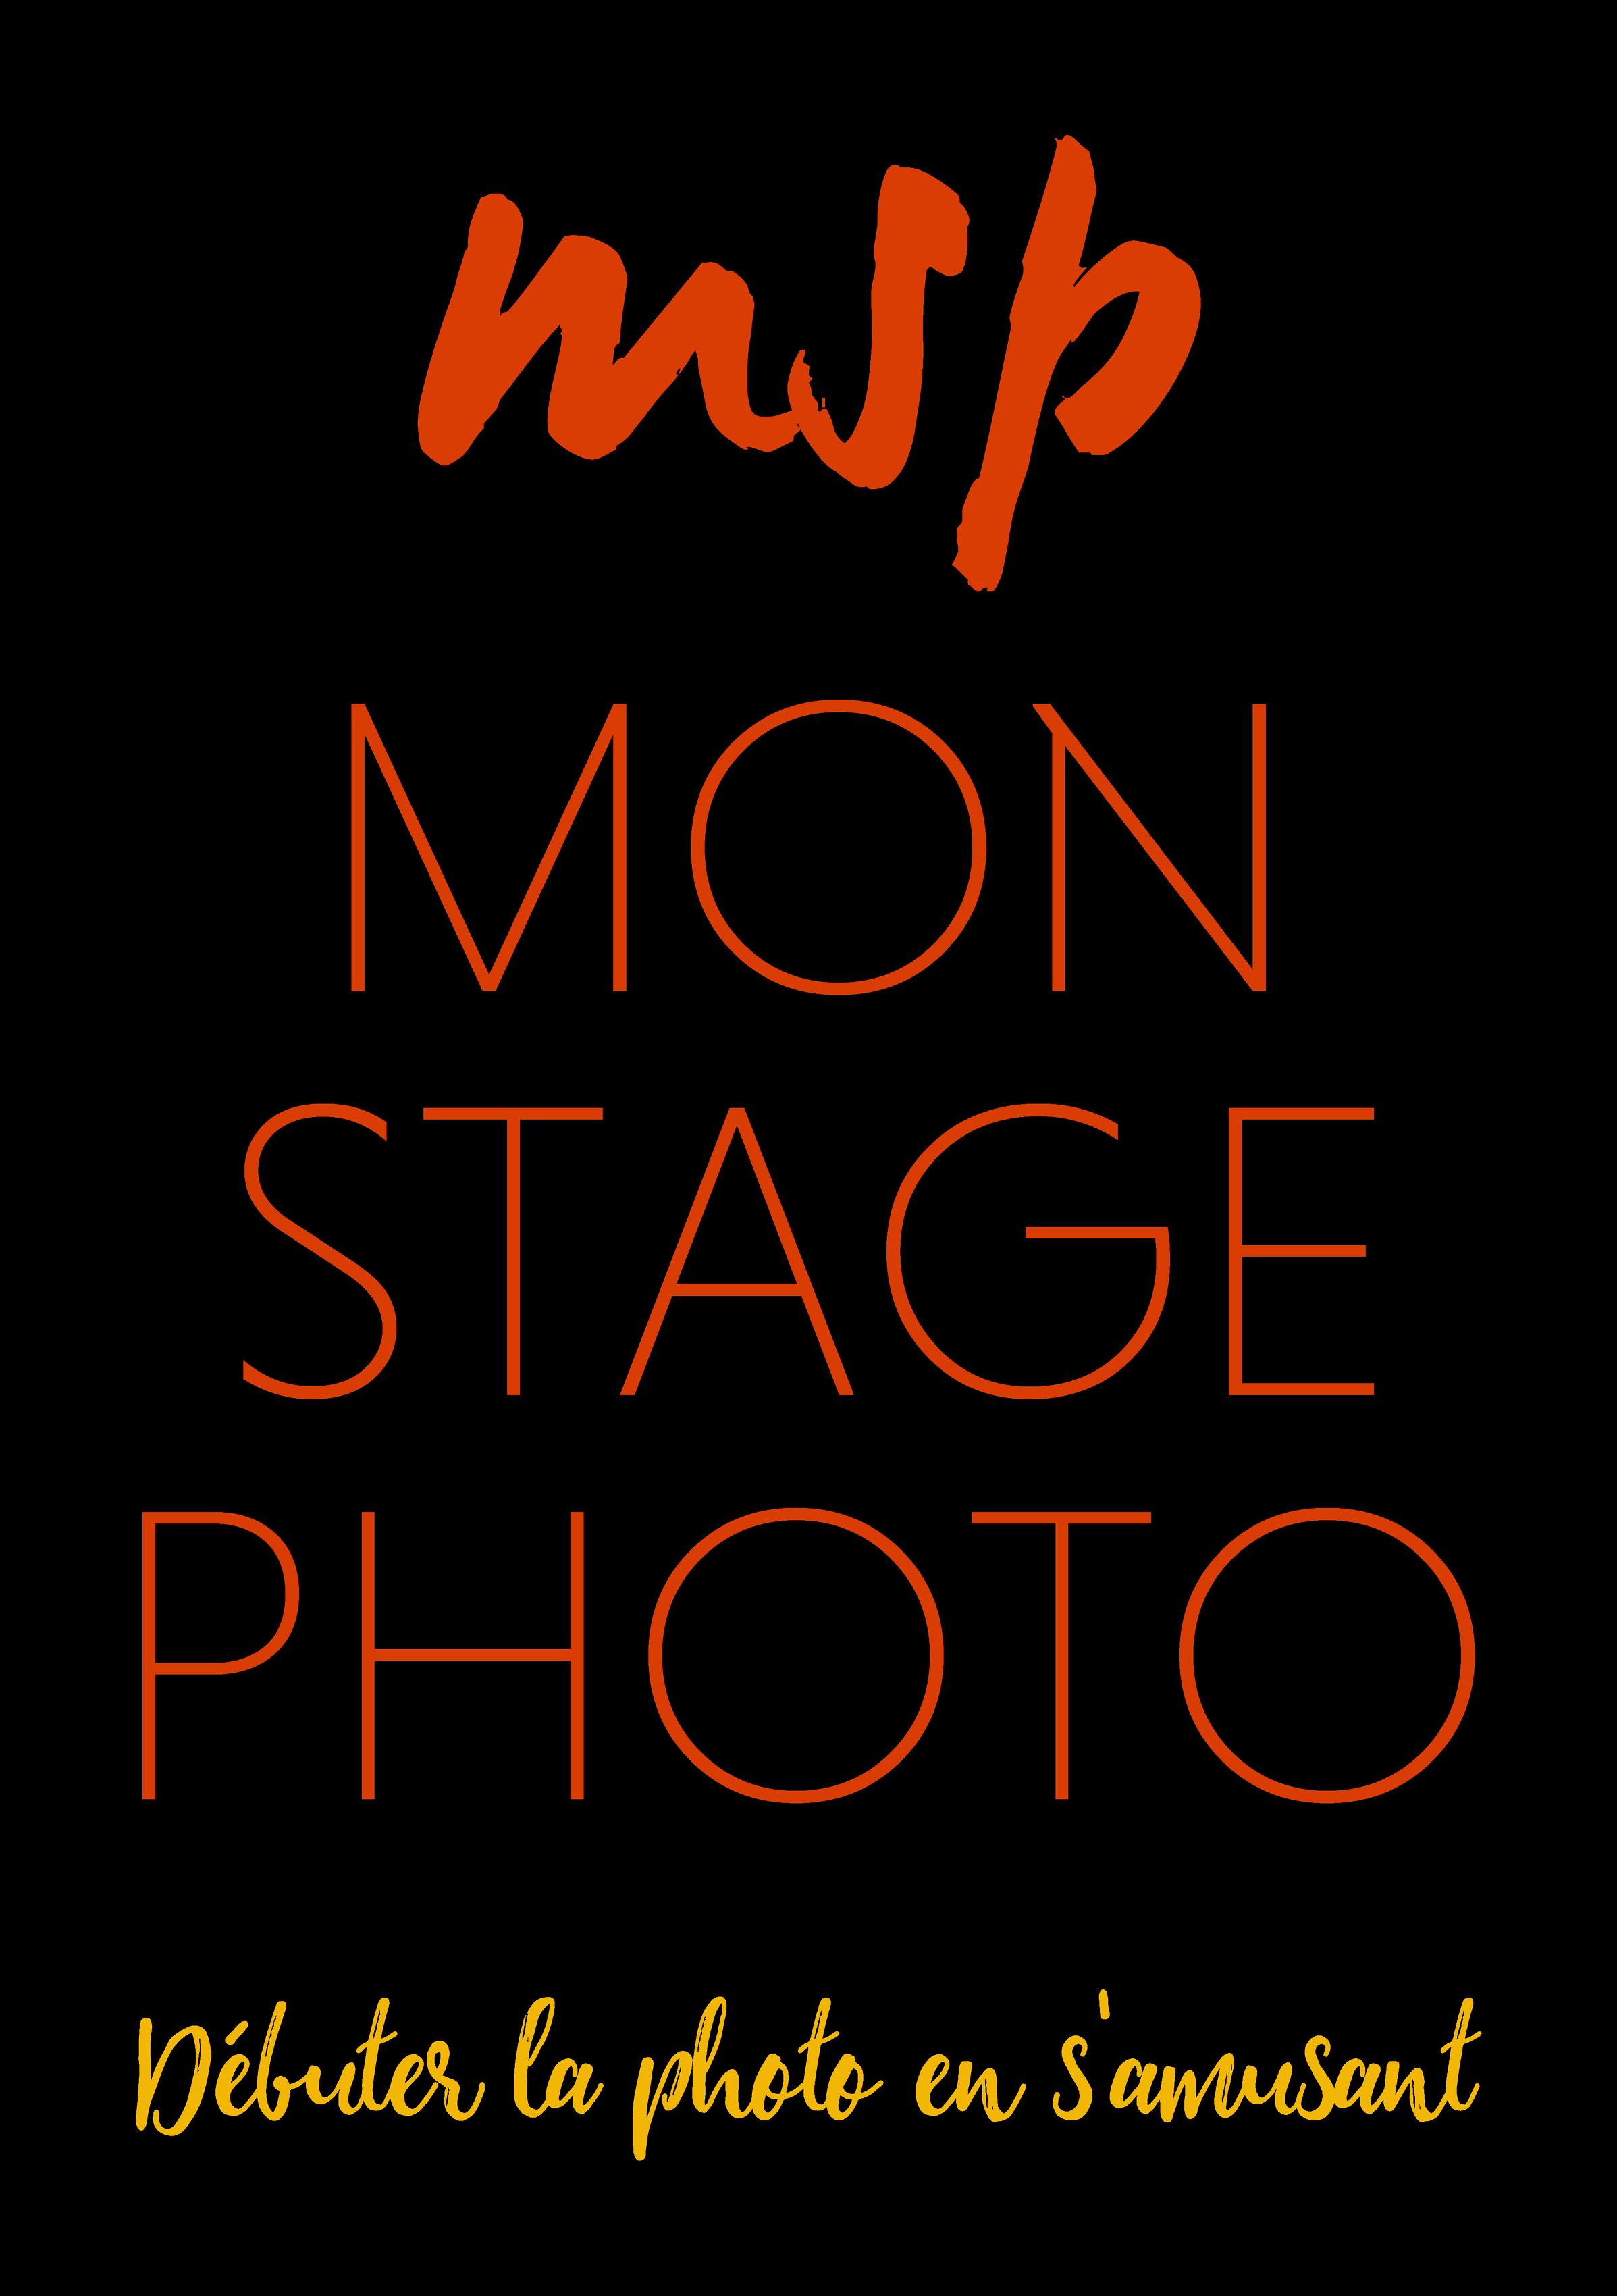 COURS PHOTO PARIS   Mon stage photo